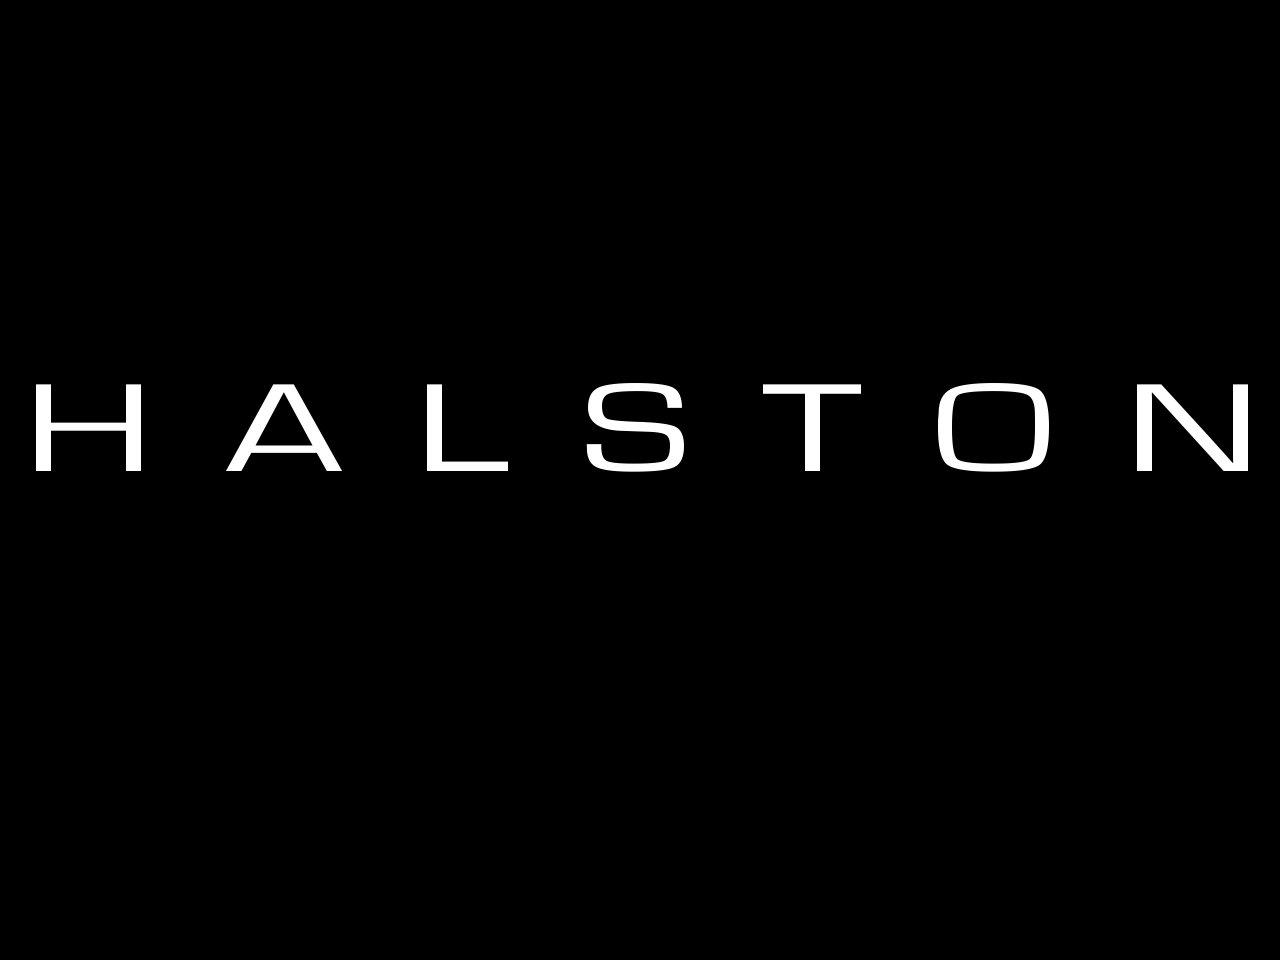 Halston Wikipedia